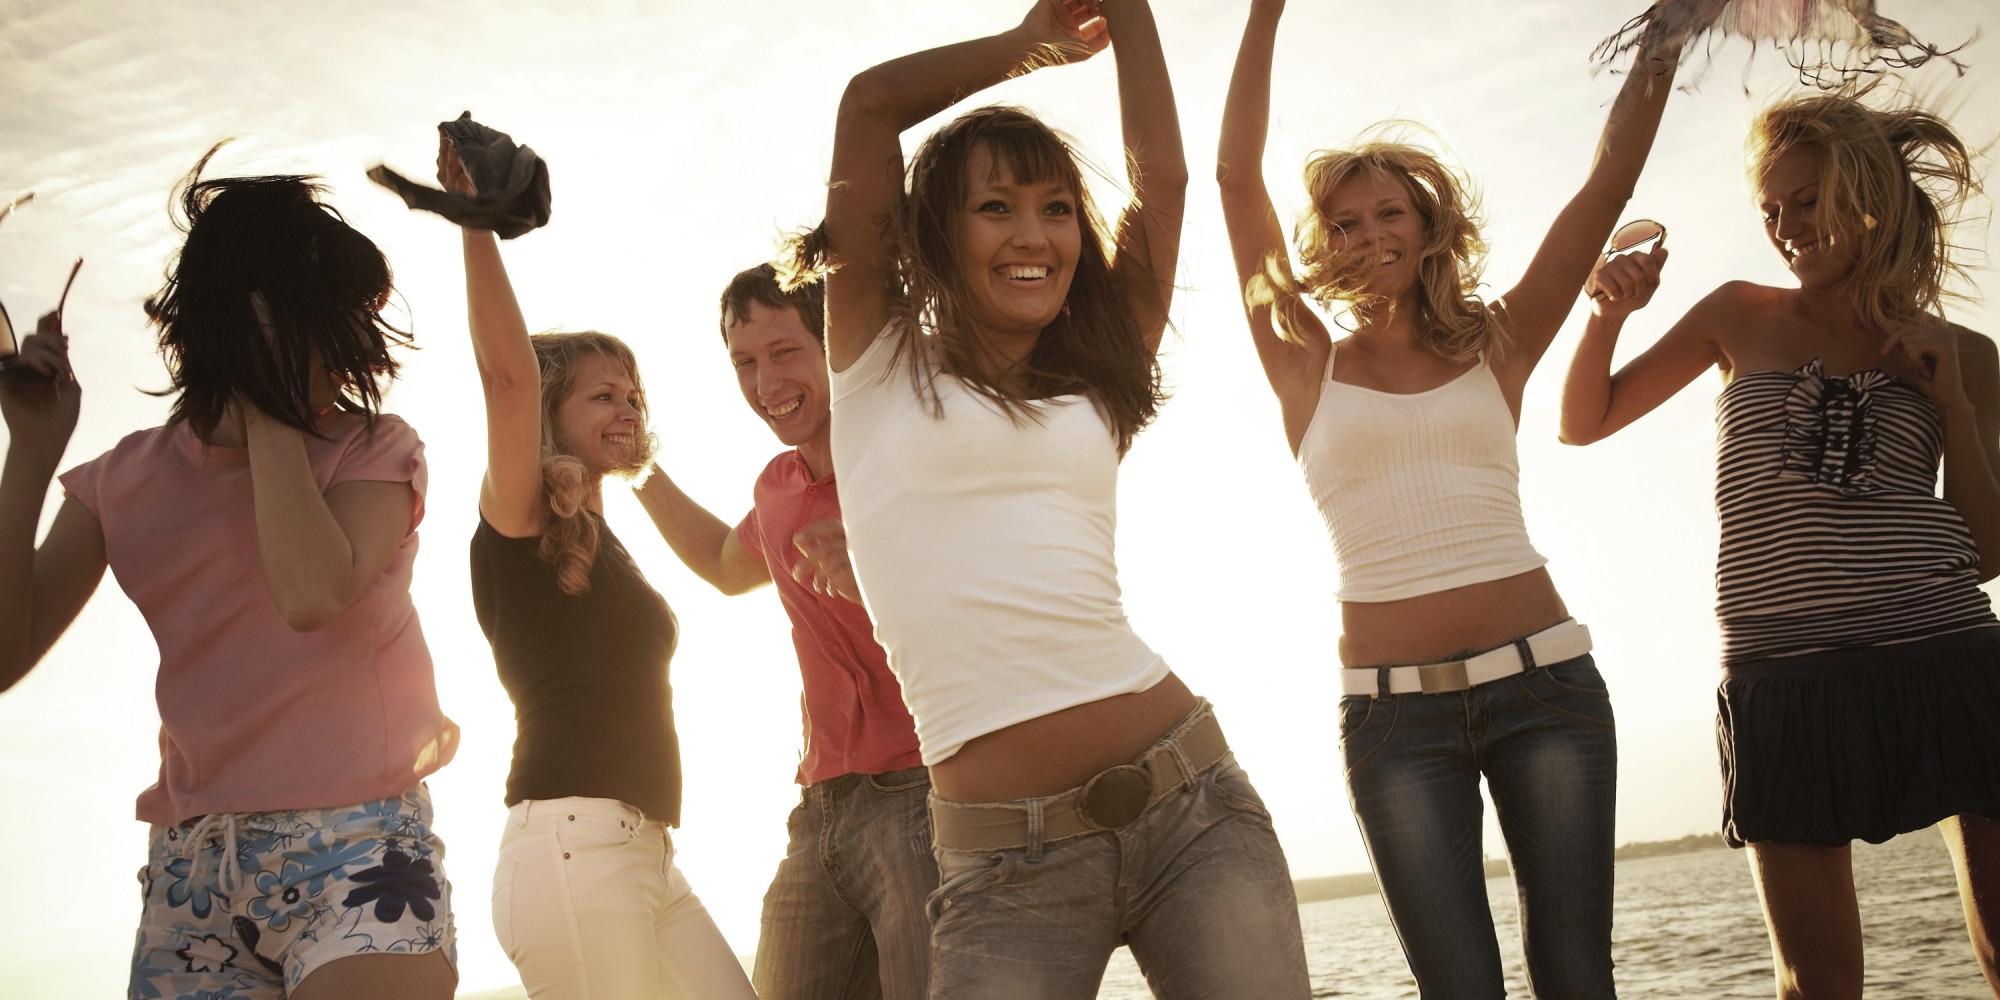 Танцующие молодые девушки 3 фотография